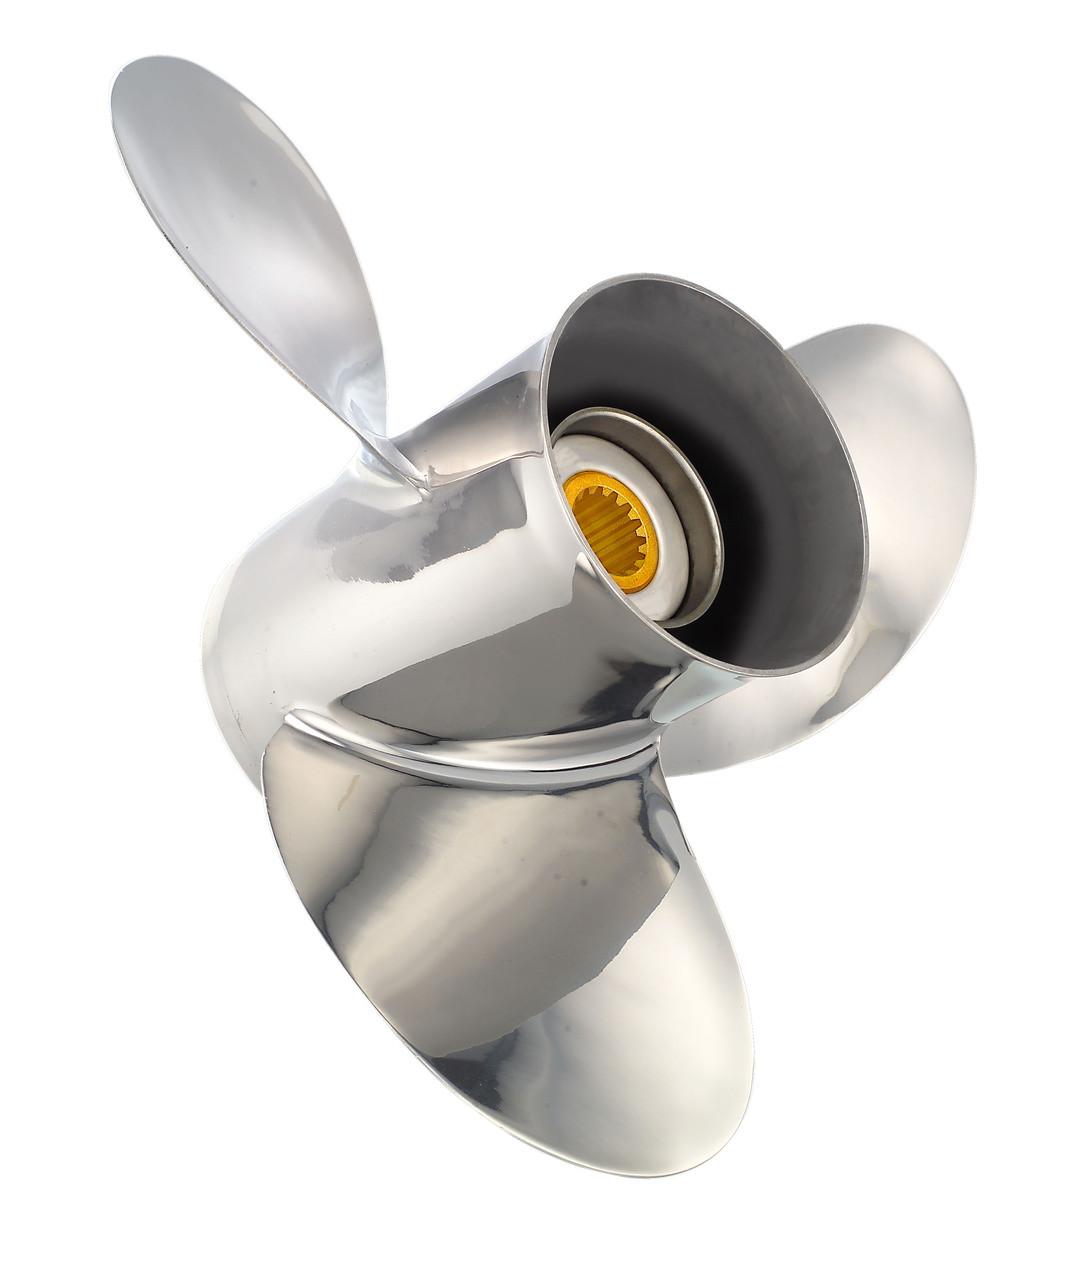 Solas Boat Propeller | Saturn 3 | 3121-093-10